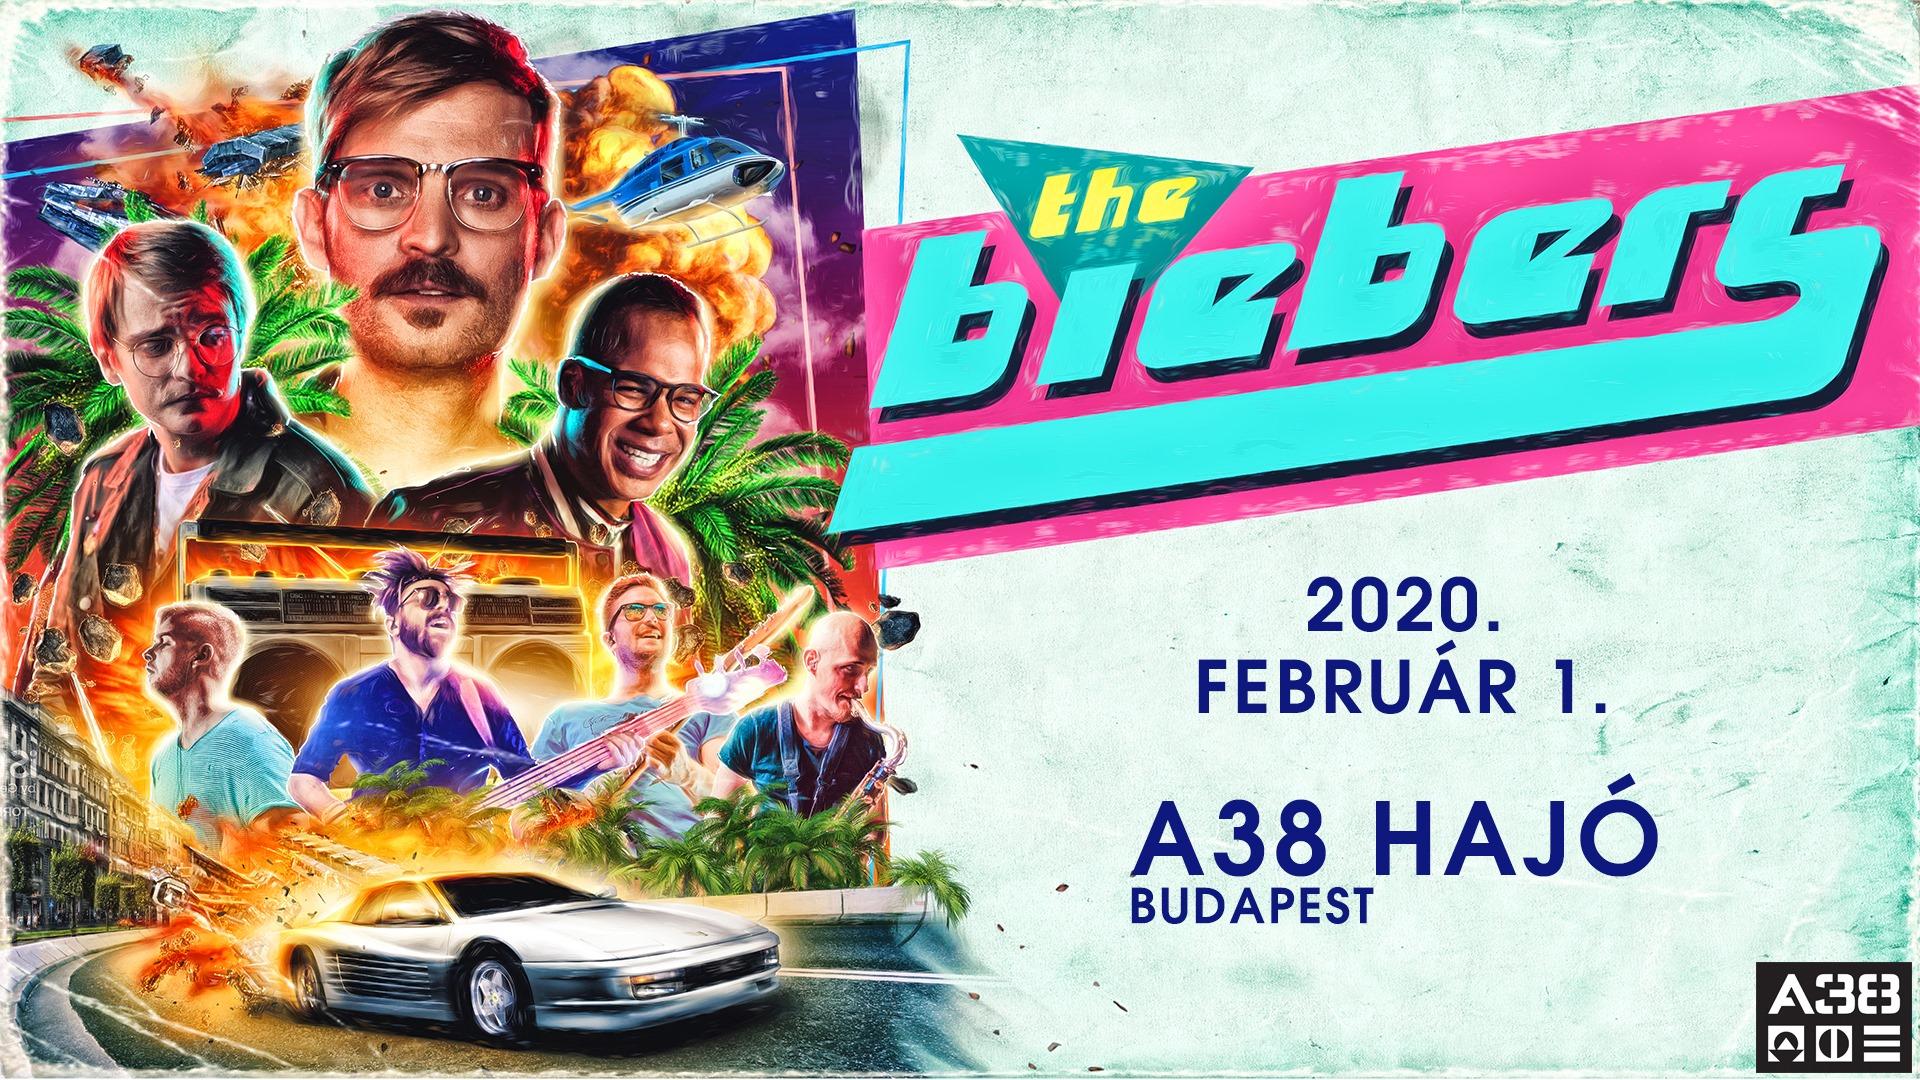 Február elsején The Biebers a Hajón!